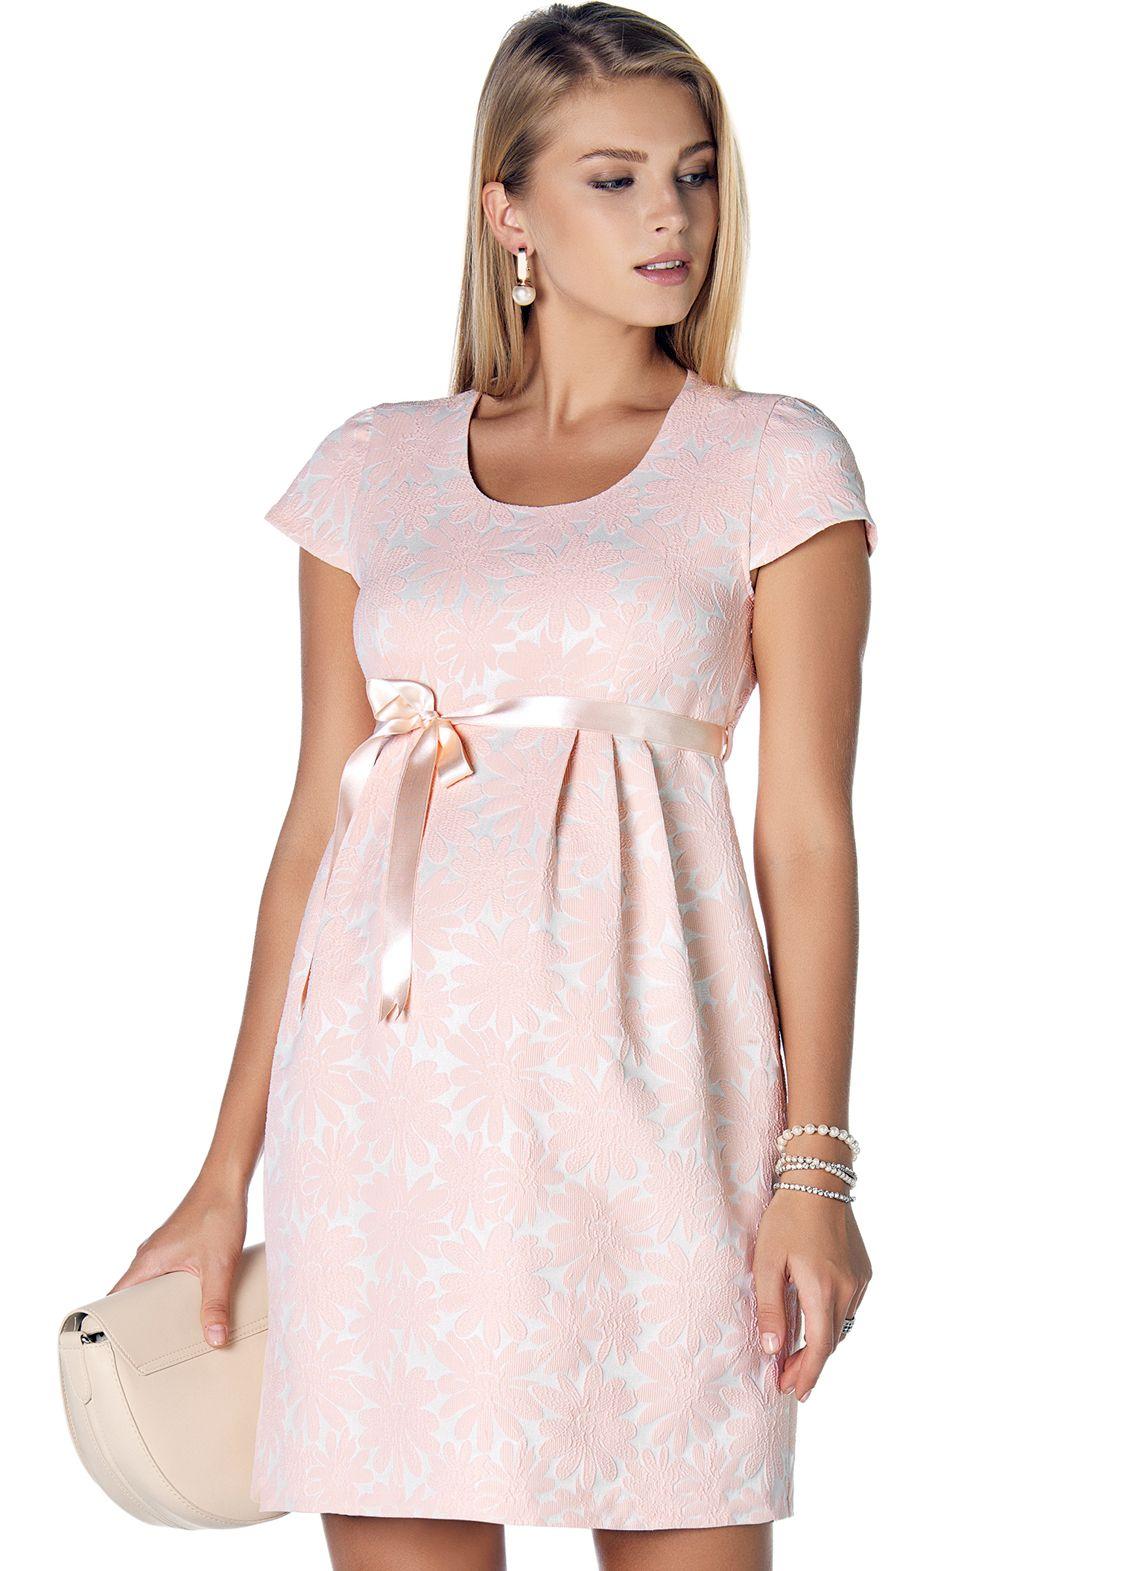 8c4d08c0195 3291 - Çiçek Desenli Jakar Hamile Elbise Pudra ve Hamile Abiye  Kategorimizdeki Onlarca Hamile Giyim Ürünü İçin Ebru Maternity